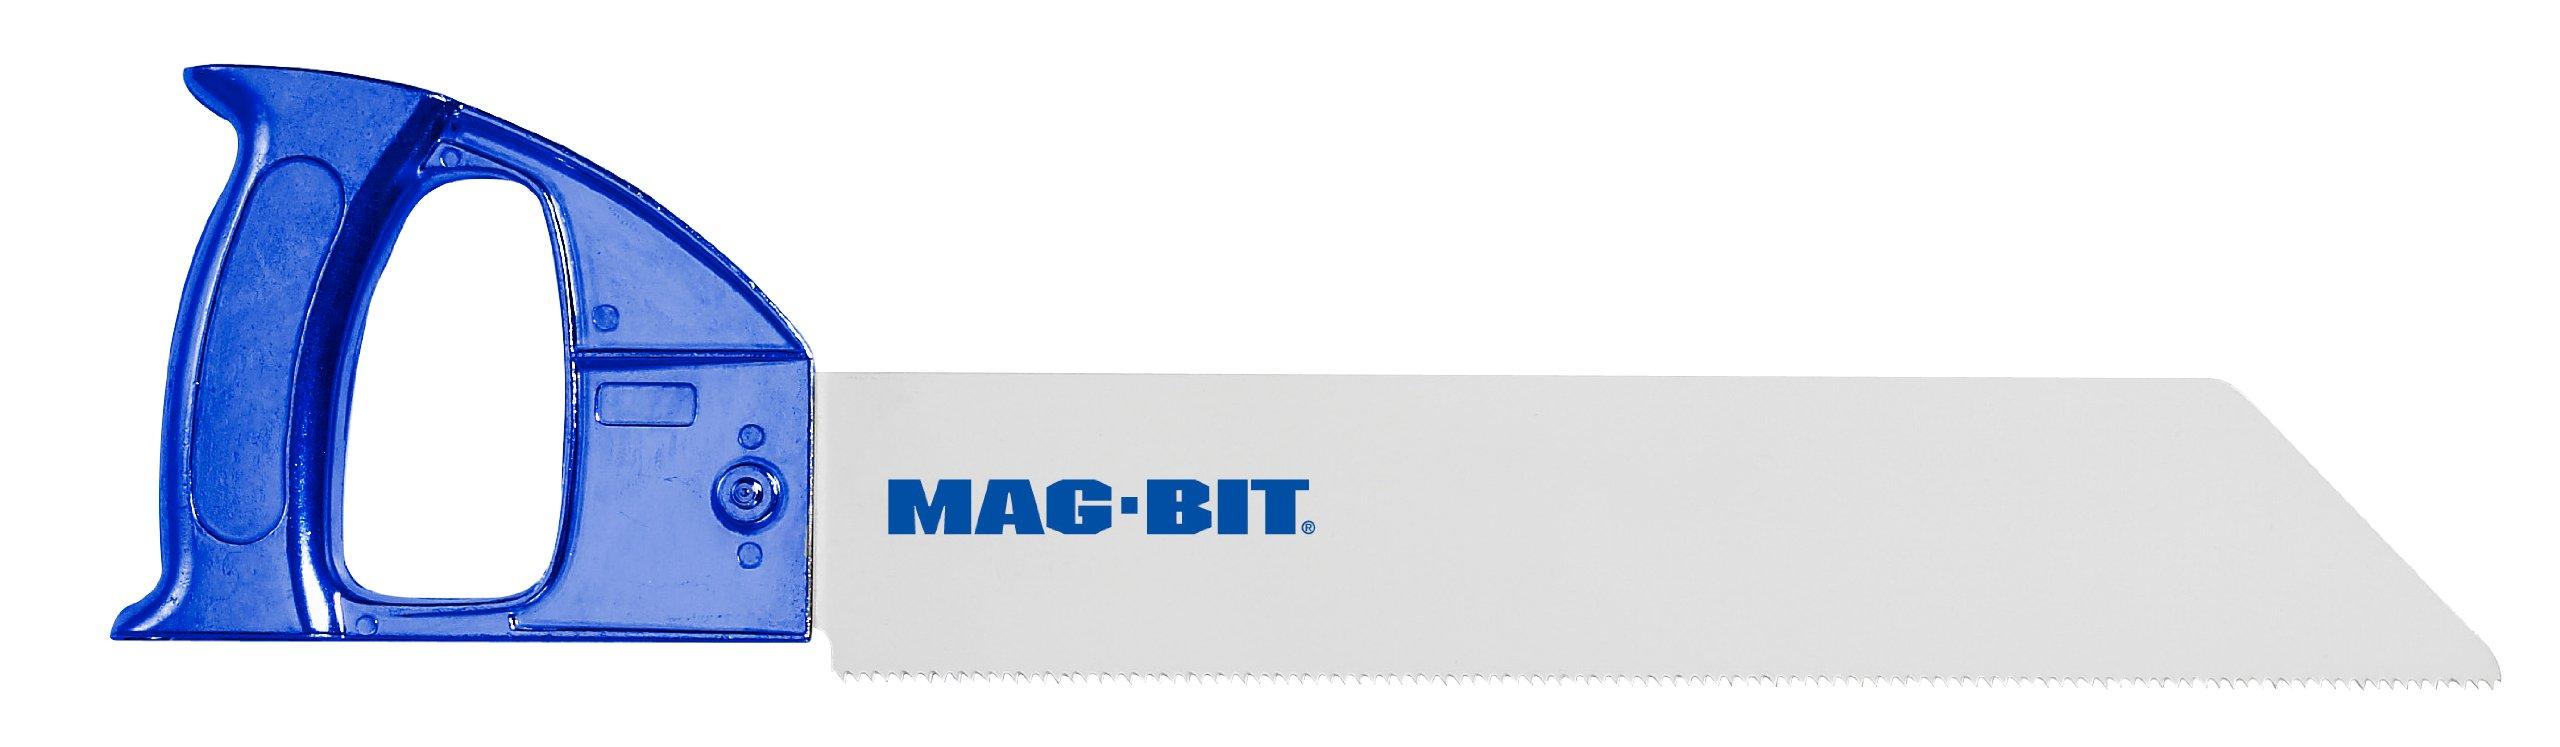 MAGBIT 800.120S MAG800 Heavy Duty PVC Saw, 12-Inch